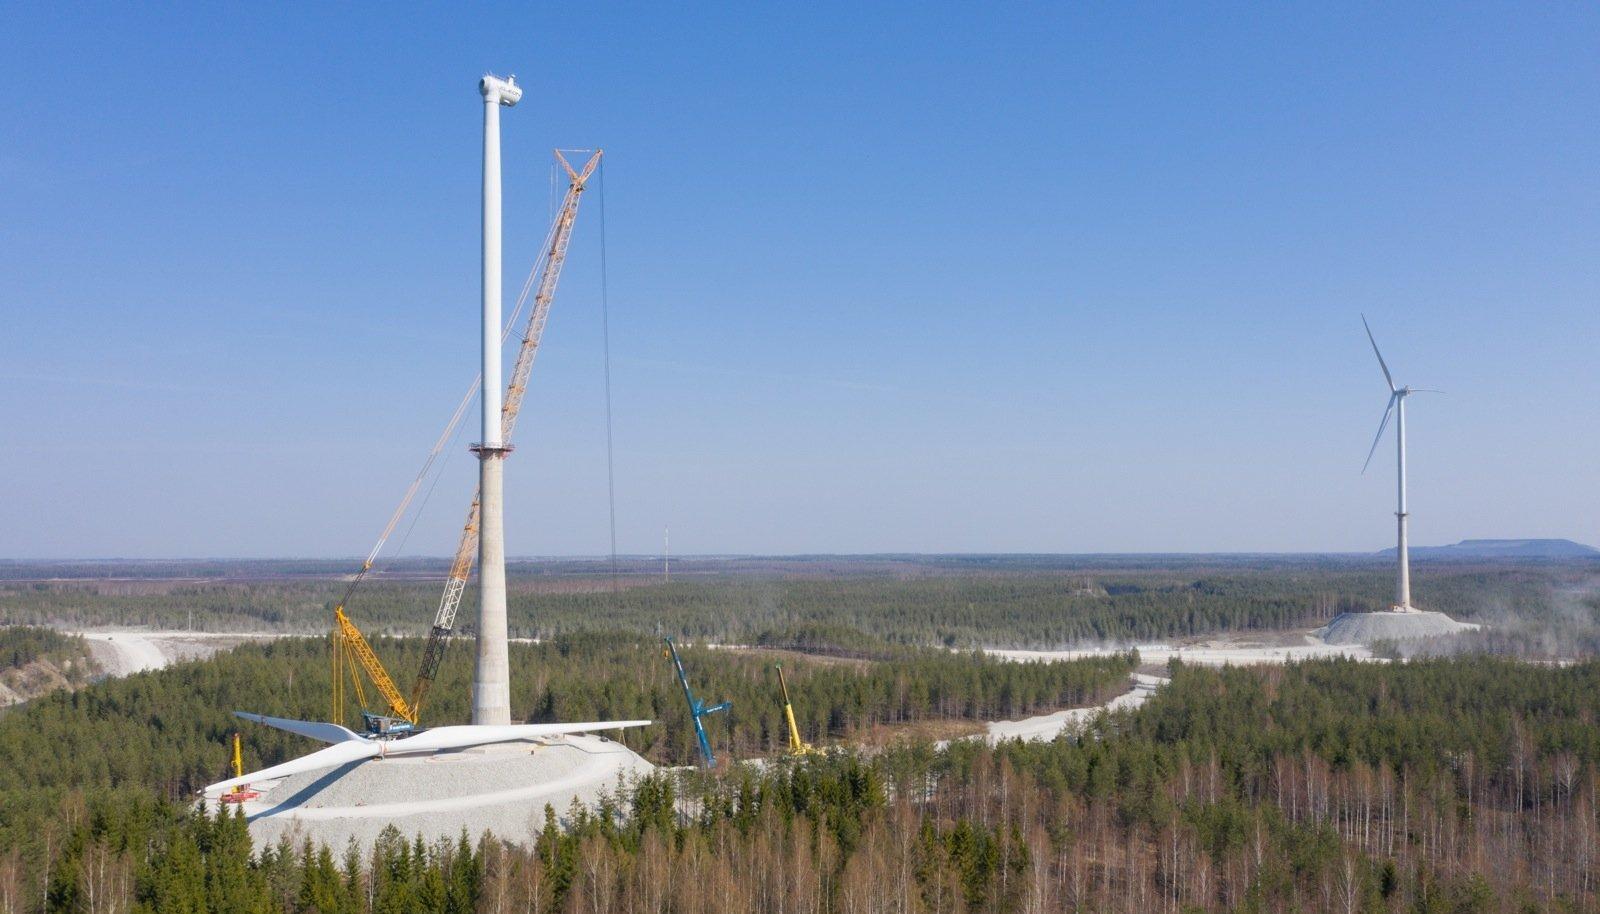 """""""Kui tõesti on ainult Aidu tuulepark Eesti kaitsevõime kaalukeel, siis uus maa oleks muidugi lahendus ja nii lahendaks riik oma probleemi kiiresti,"""" ütles Andres Sõnajalg."""